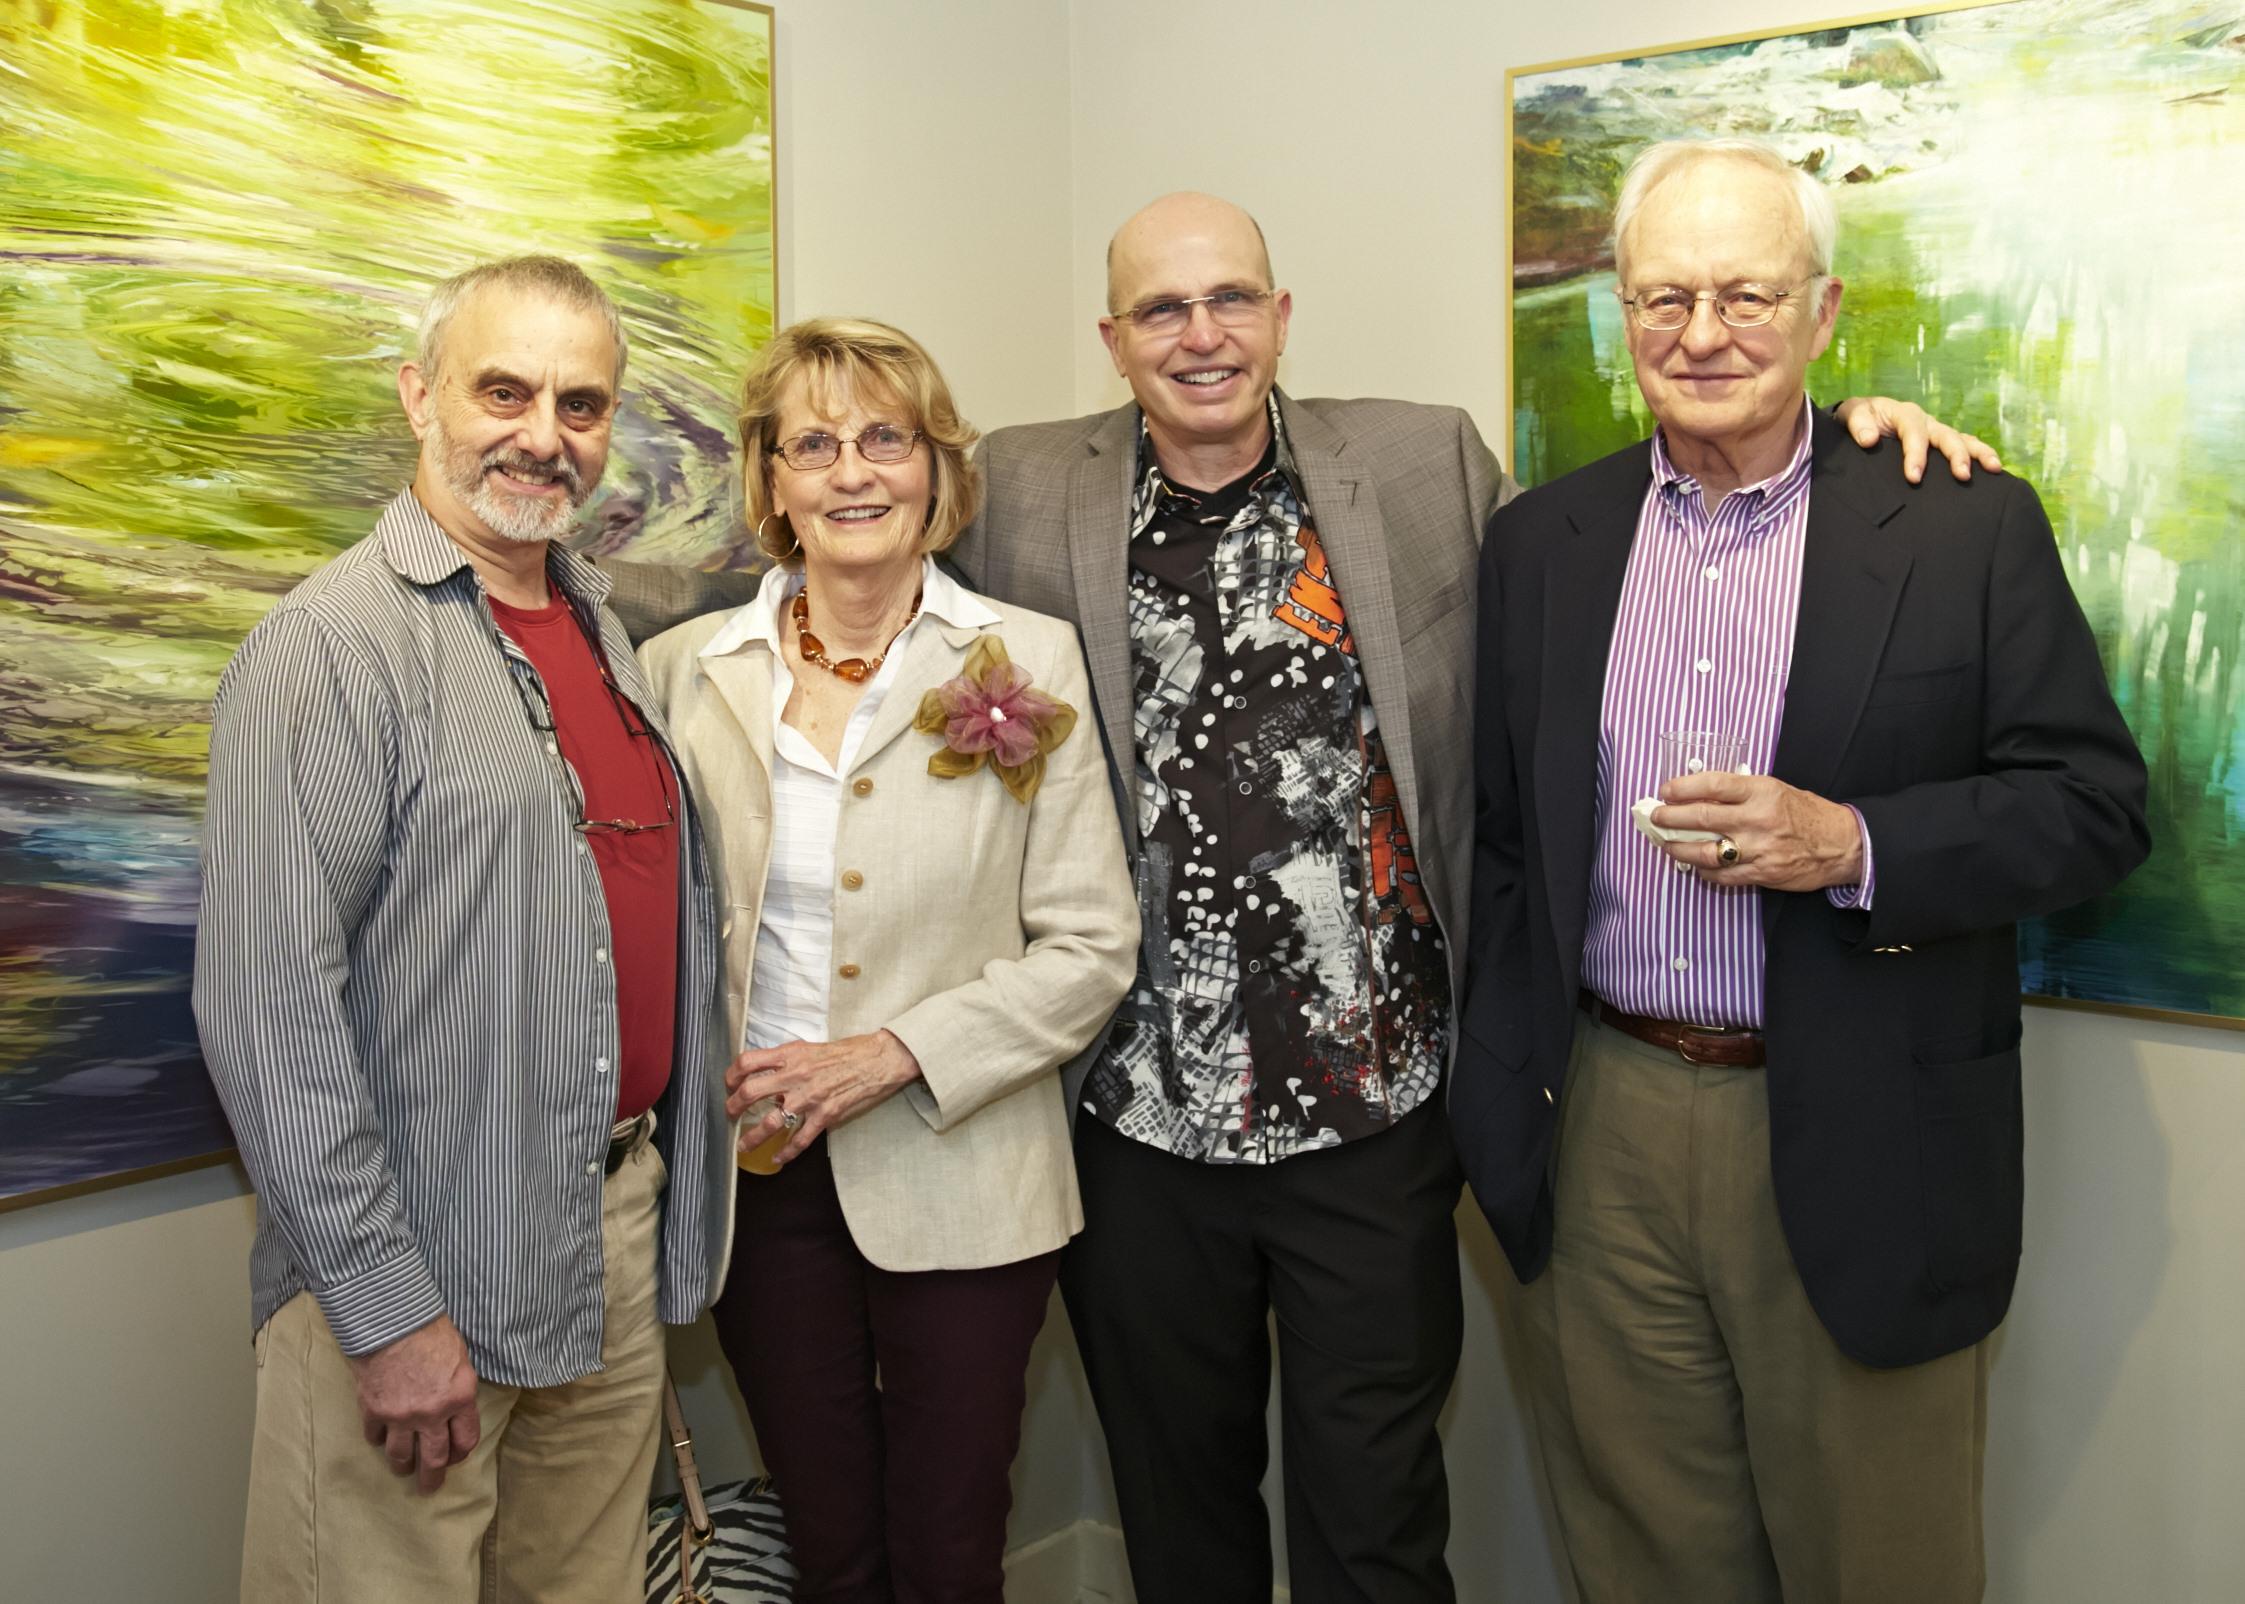 IMG_2624 Richard Ventre, Rosemary Hundt, David Dunlop, Paul Hundt.jpg